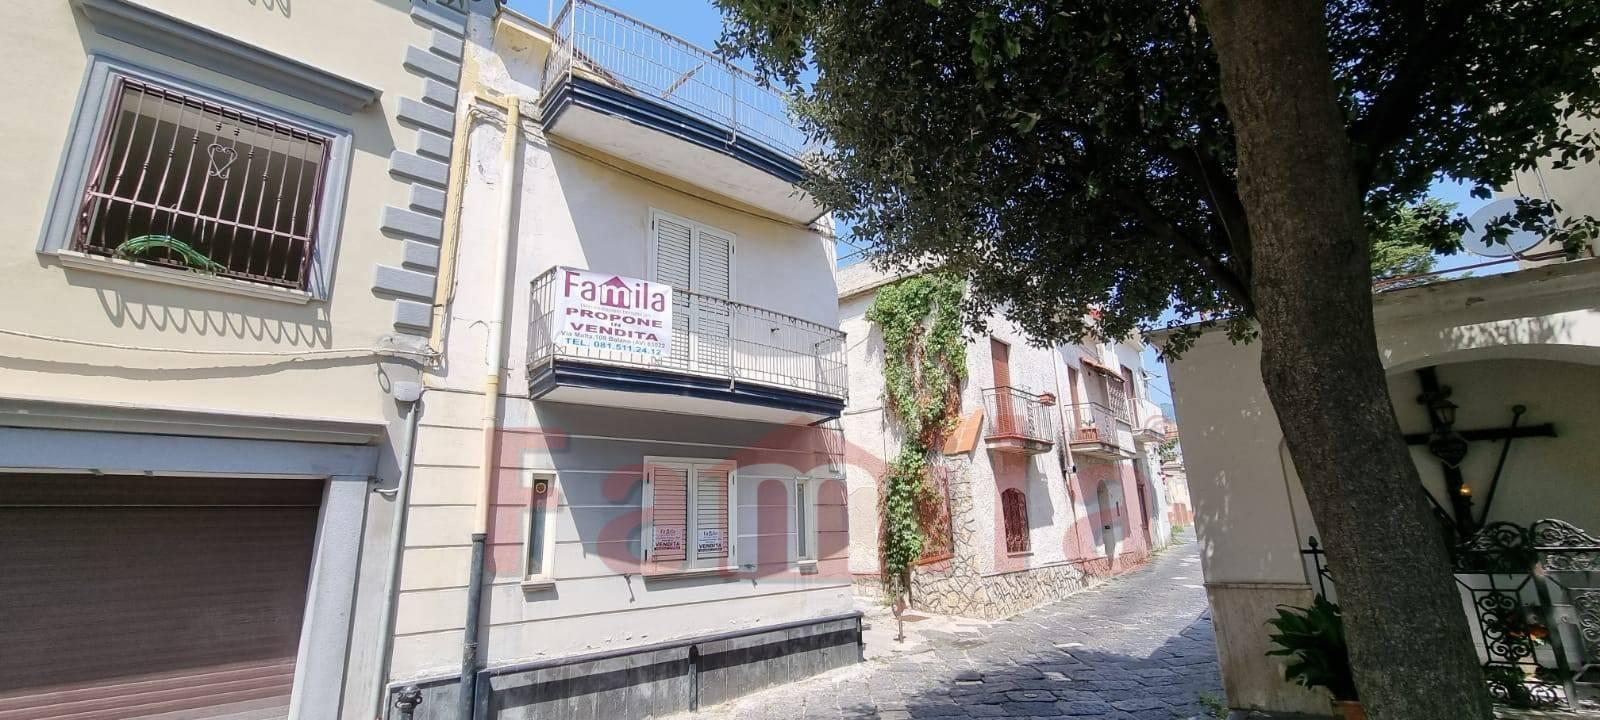 Soluzione Indipendente in vendita a Avella, 5 locali, prezzo € 125.000   CambioCasa.it